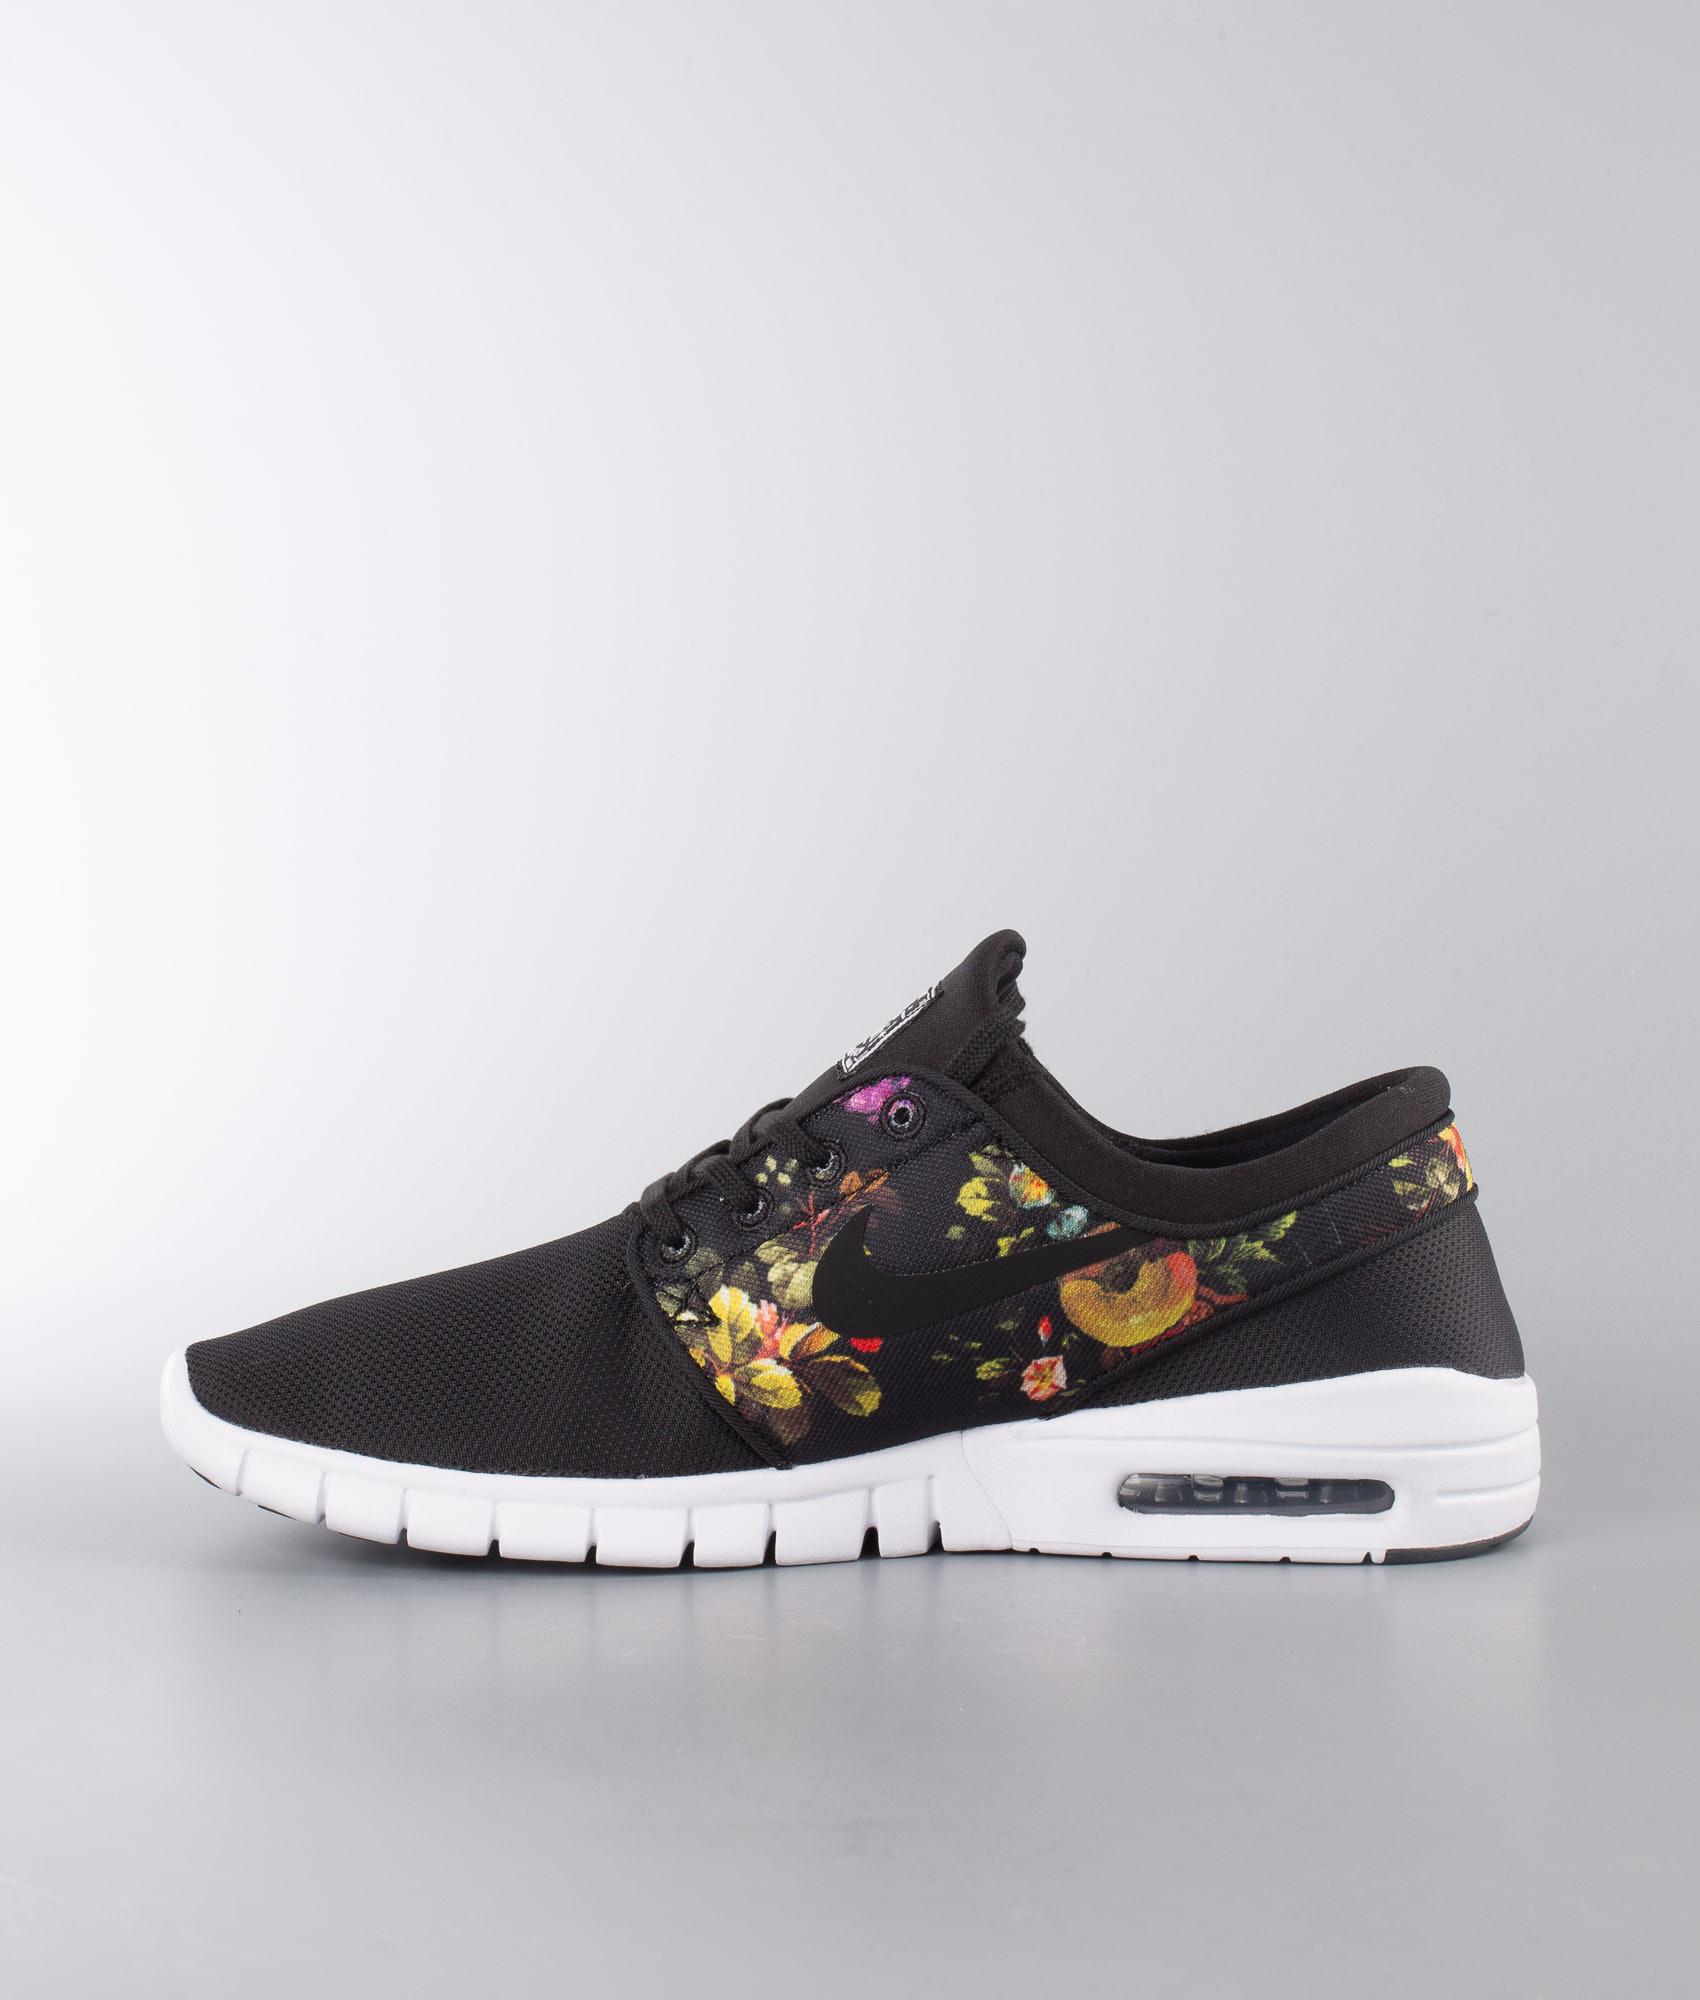 e330d5b78ac Nike Stefan Janoski Max Shoes Black Black-Multi-Color - Ridestore.com